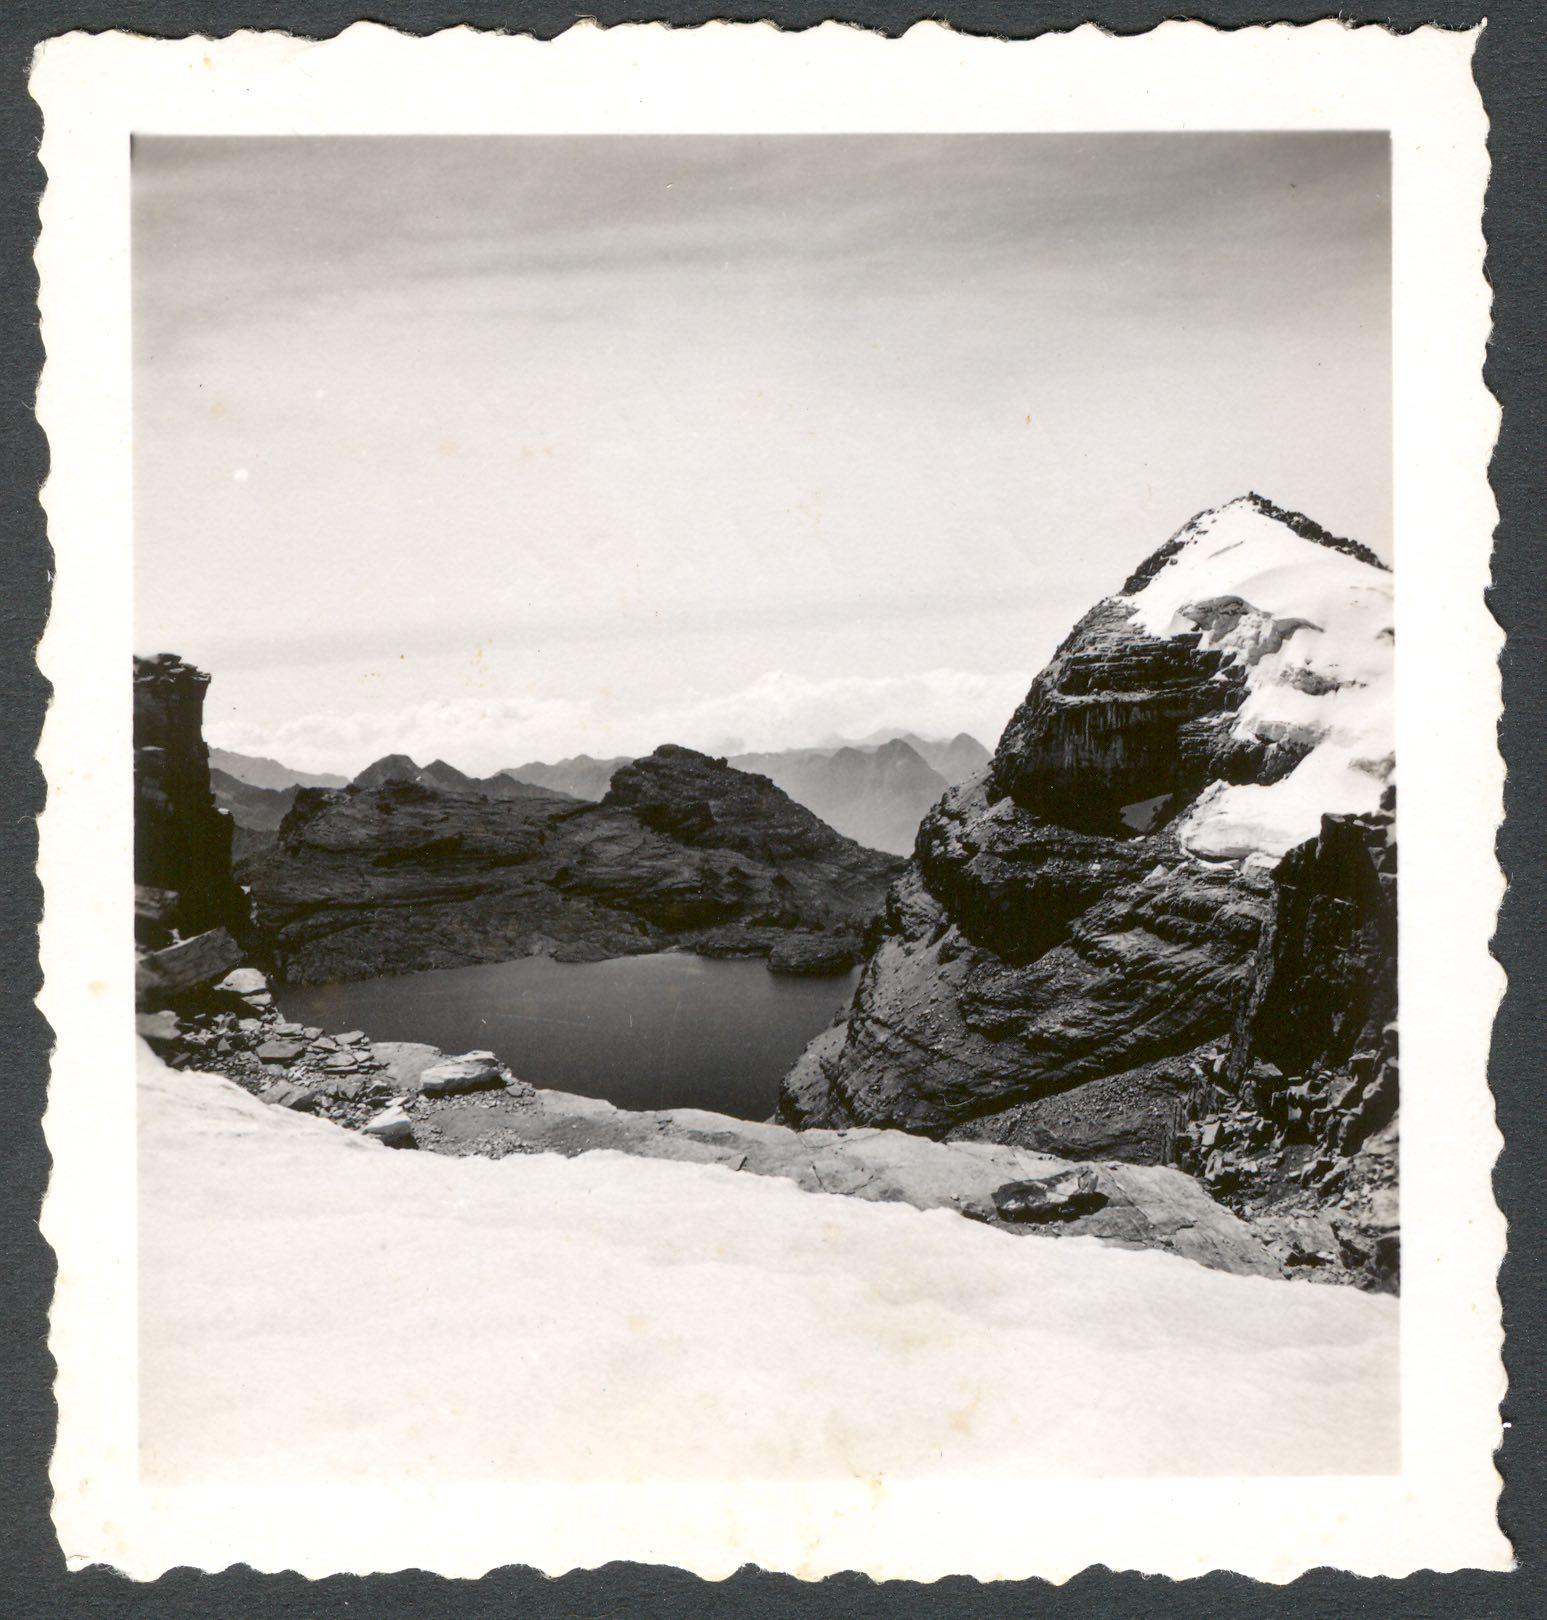 El diamante. Al fondo la laguna de la Plaza. En el paso de Bellavista. (1948) - Erwin Kraus